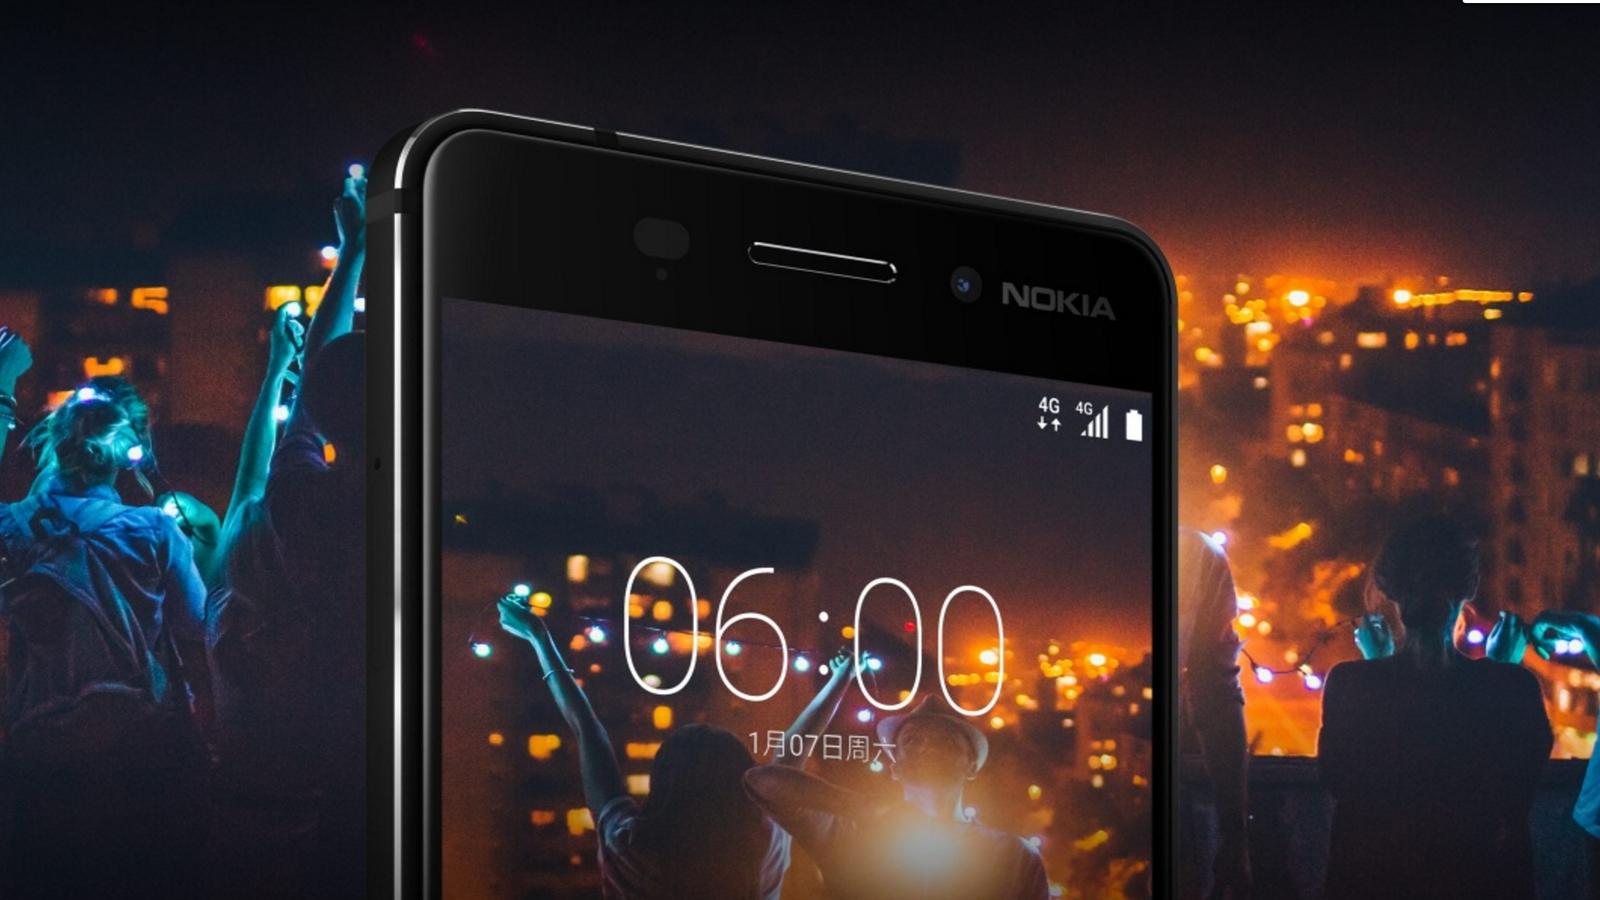 Lại thêm lý do để yêu mến các smartphone nhà Nokia: Android Oreo